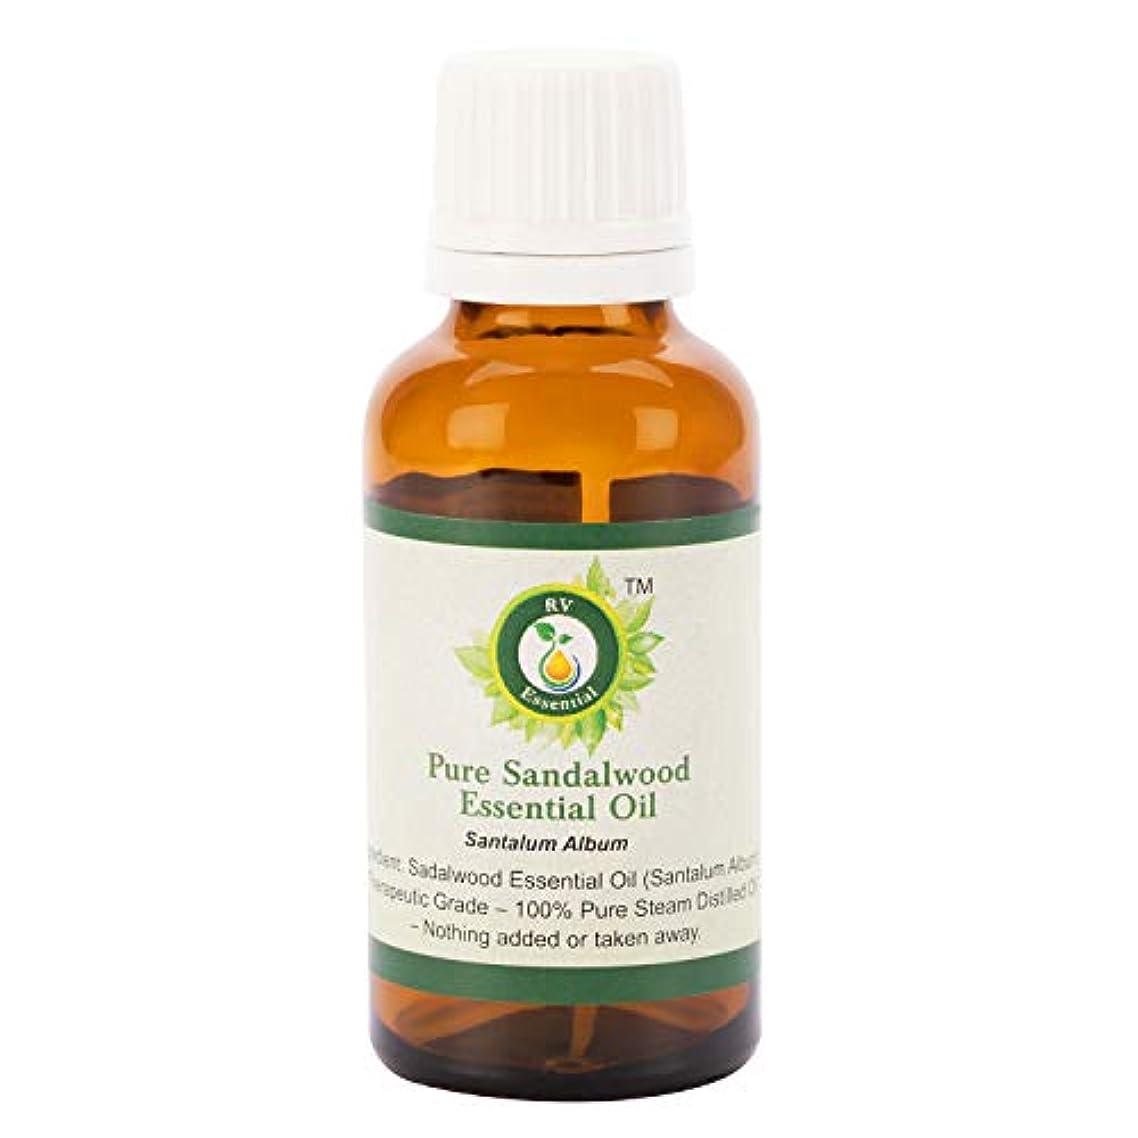 あそこ解体する山岳ピュアサンダルウッドエッセンシャルオイル100ml (3.38oz)- Santalum Album (100%純粋&天然スチームDistilled) Pure Sandalwood Essential Oil